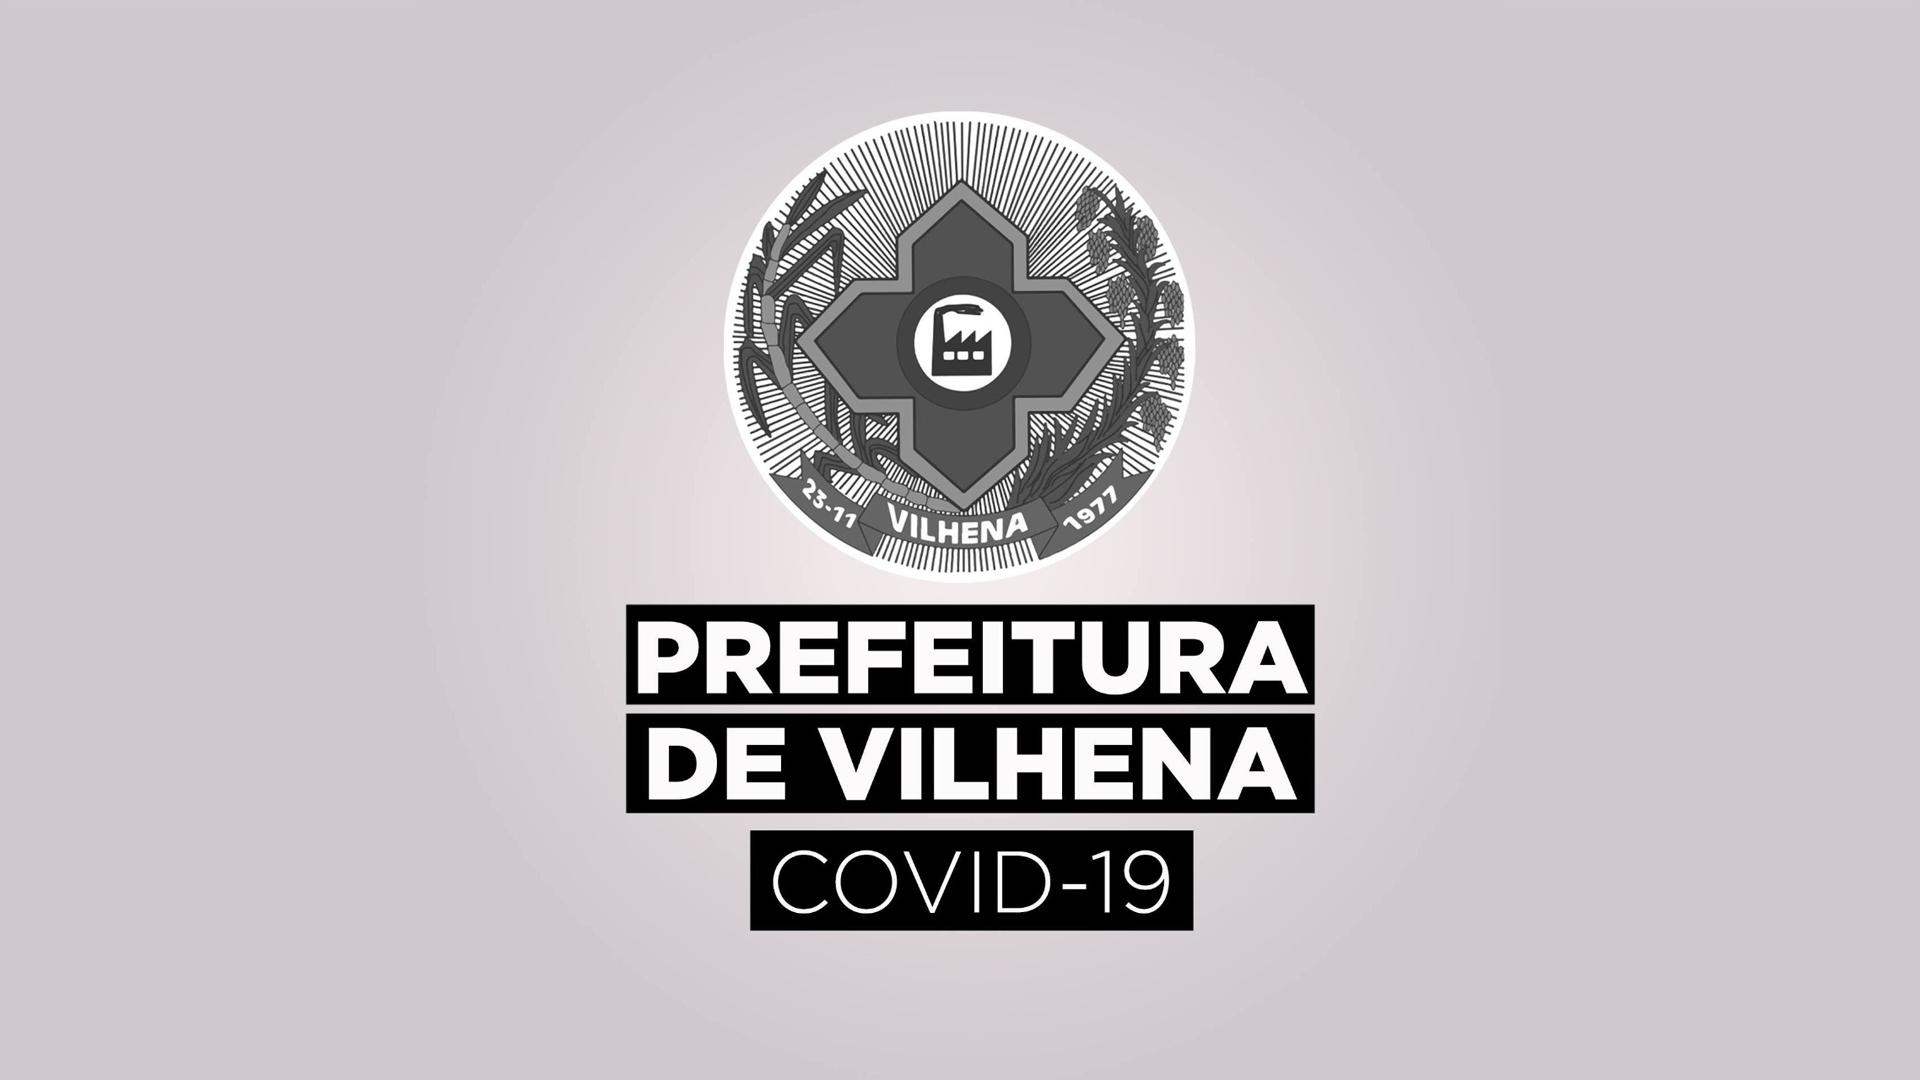 BOLETIM PMV Nº 574 - 10/10/21 CORONAVÍRUS (COVID-19)